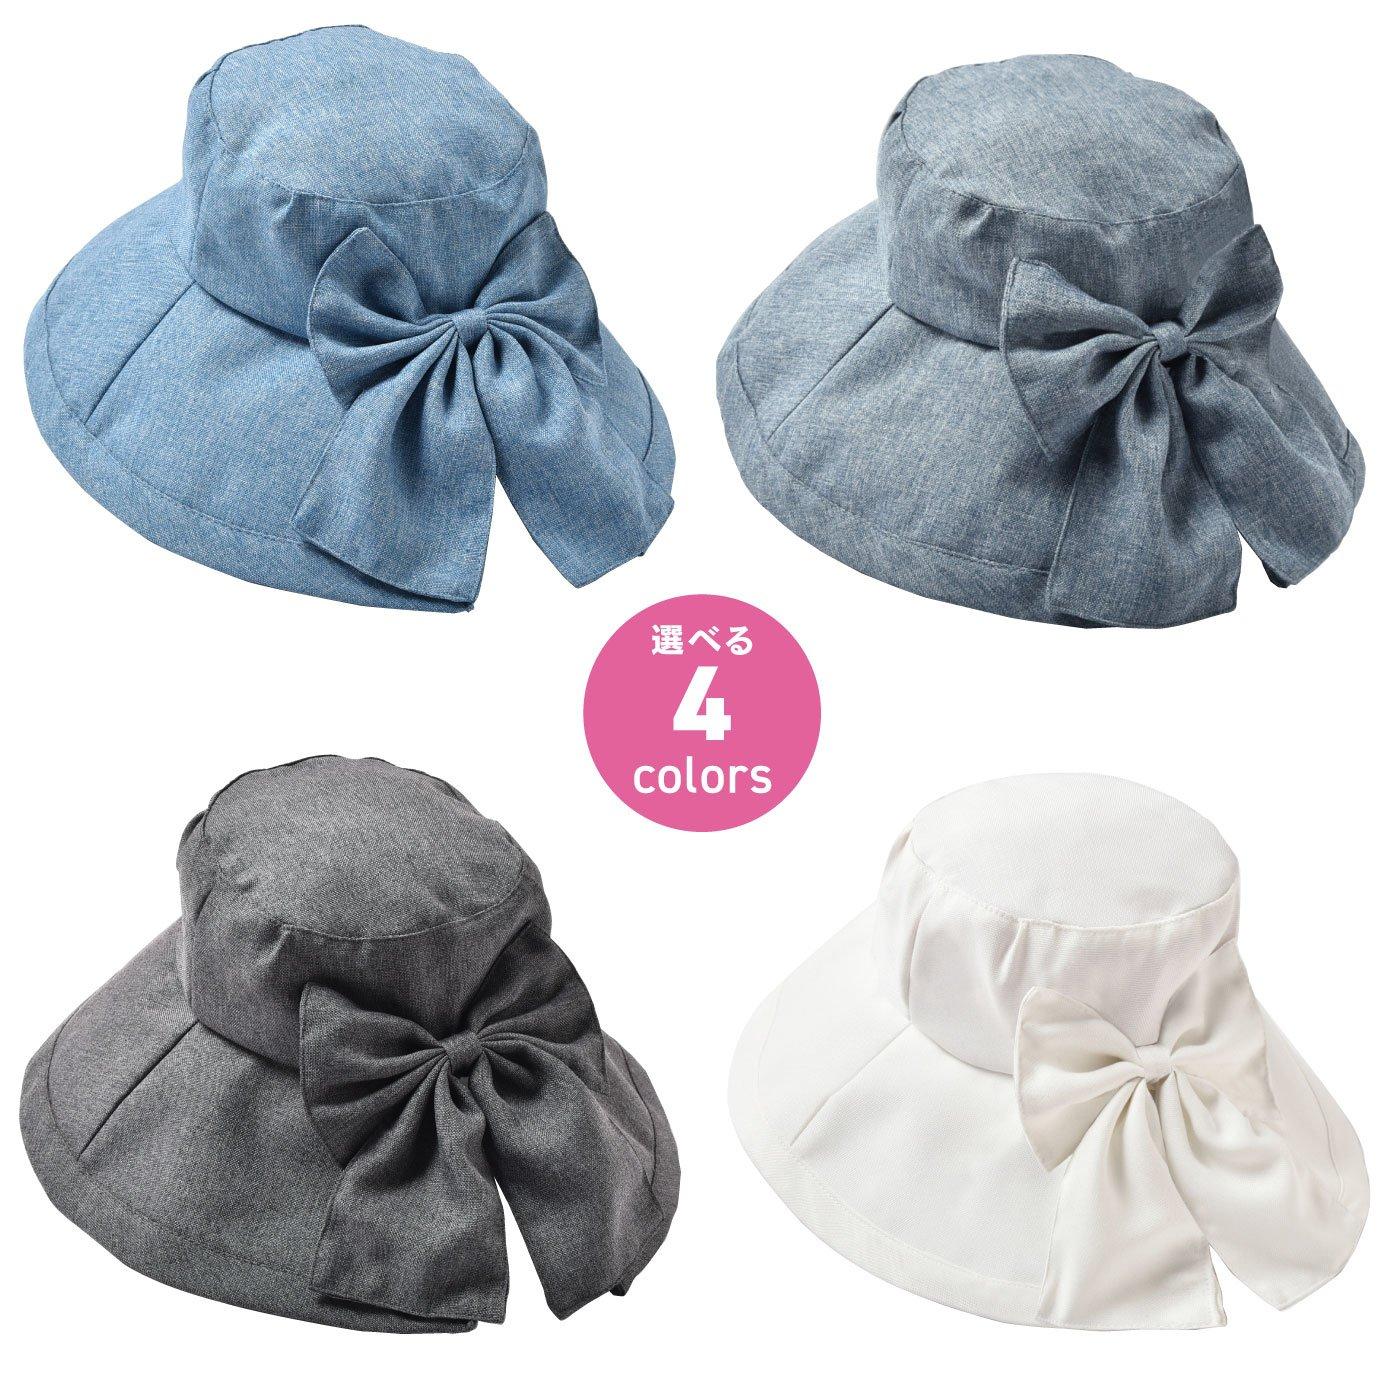 おしゃれにUV対策できる 機能満載のデニム調女優帽